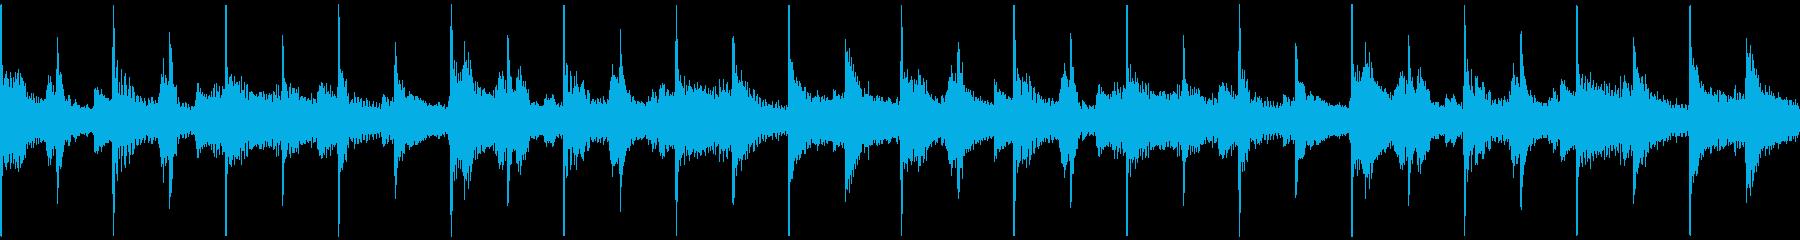 30秒ループ臨場感ジャズ サックス無しの再生済みの波形